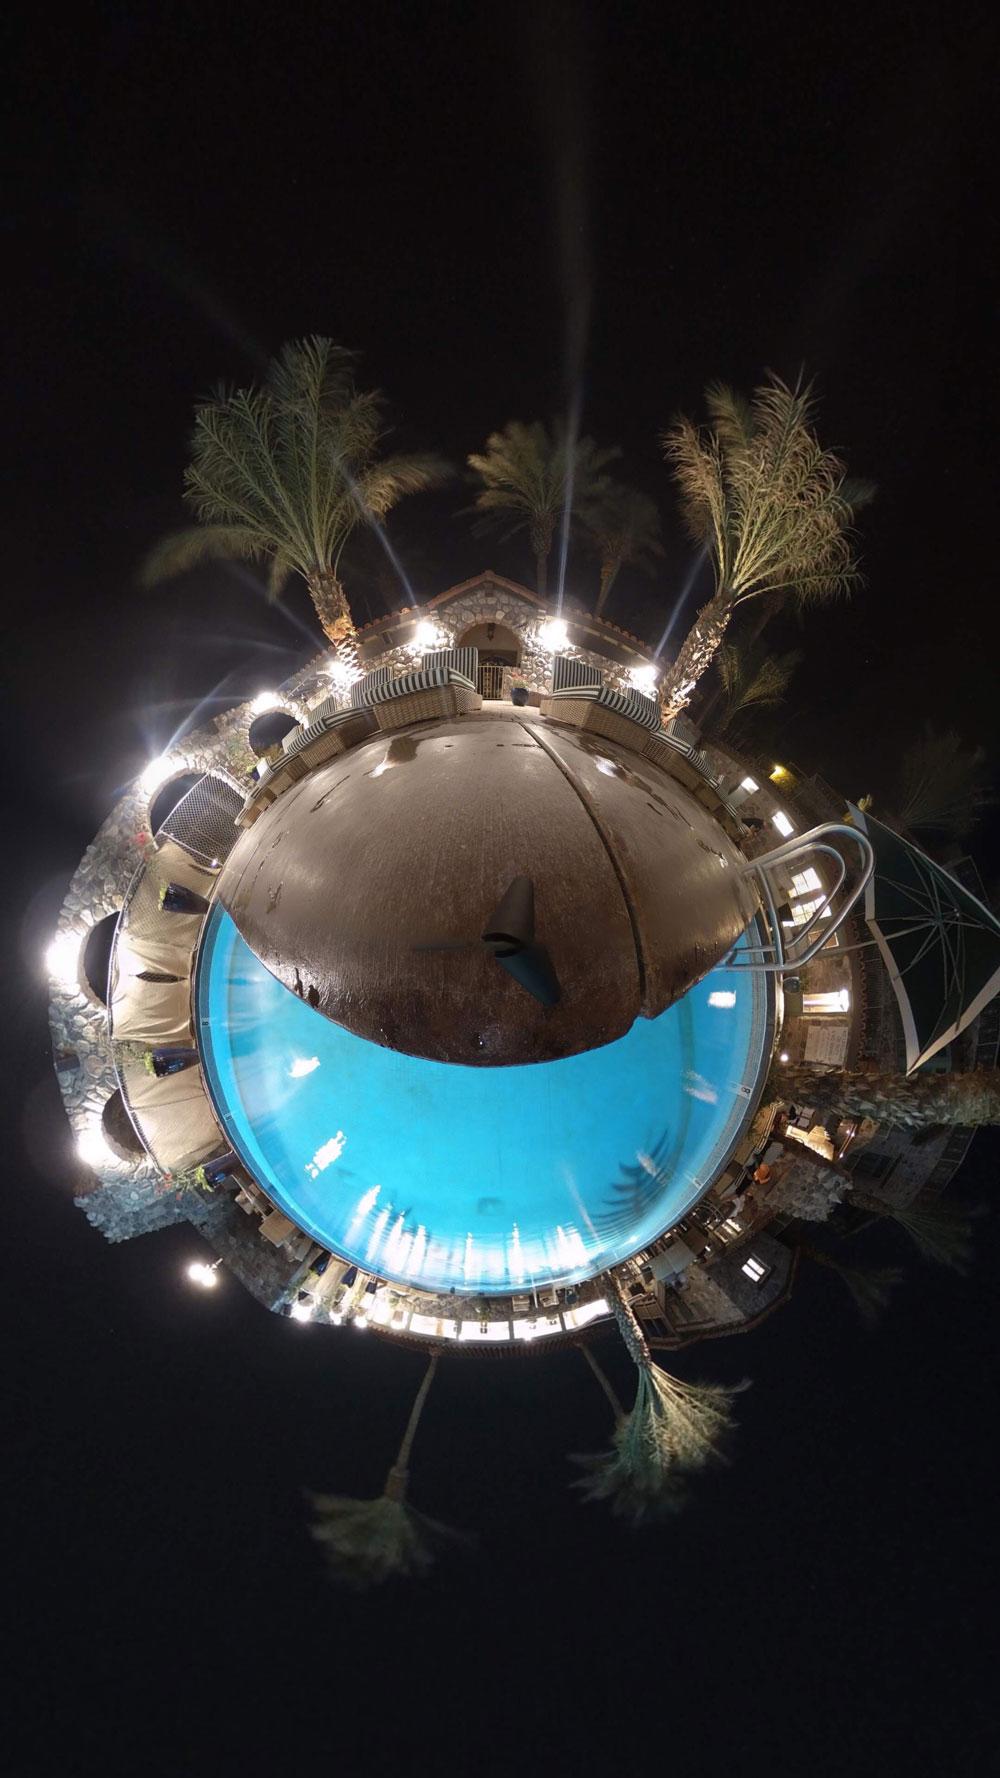 360-Grad - Fotografie/360-Grad-Aufnahme Betrachter sieht Kulisse von oben